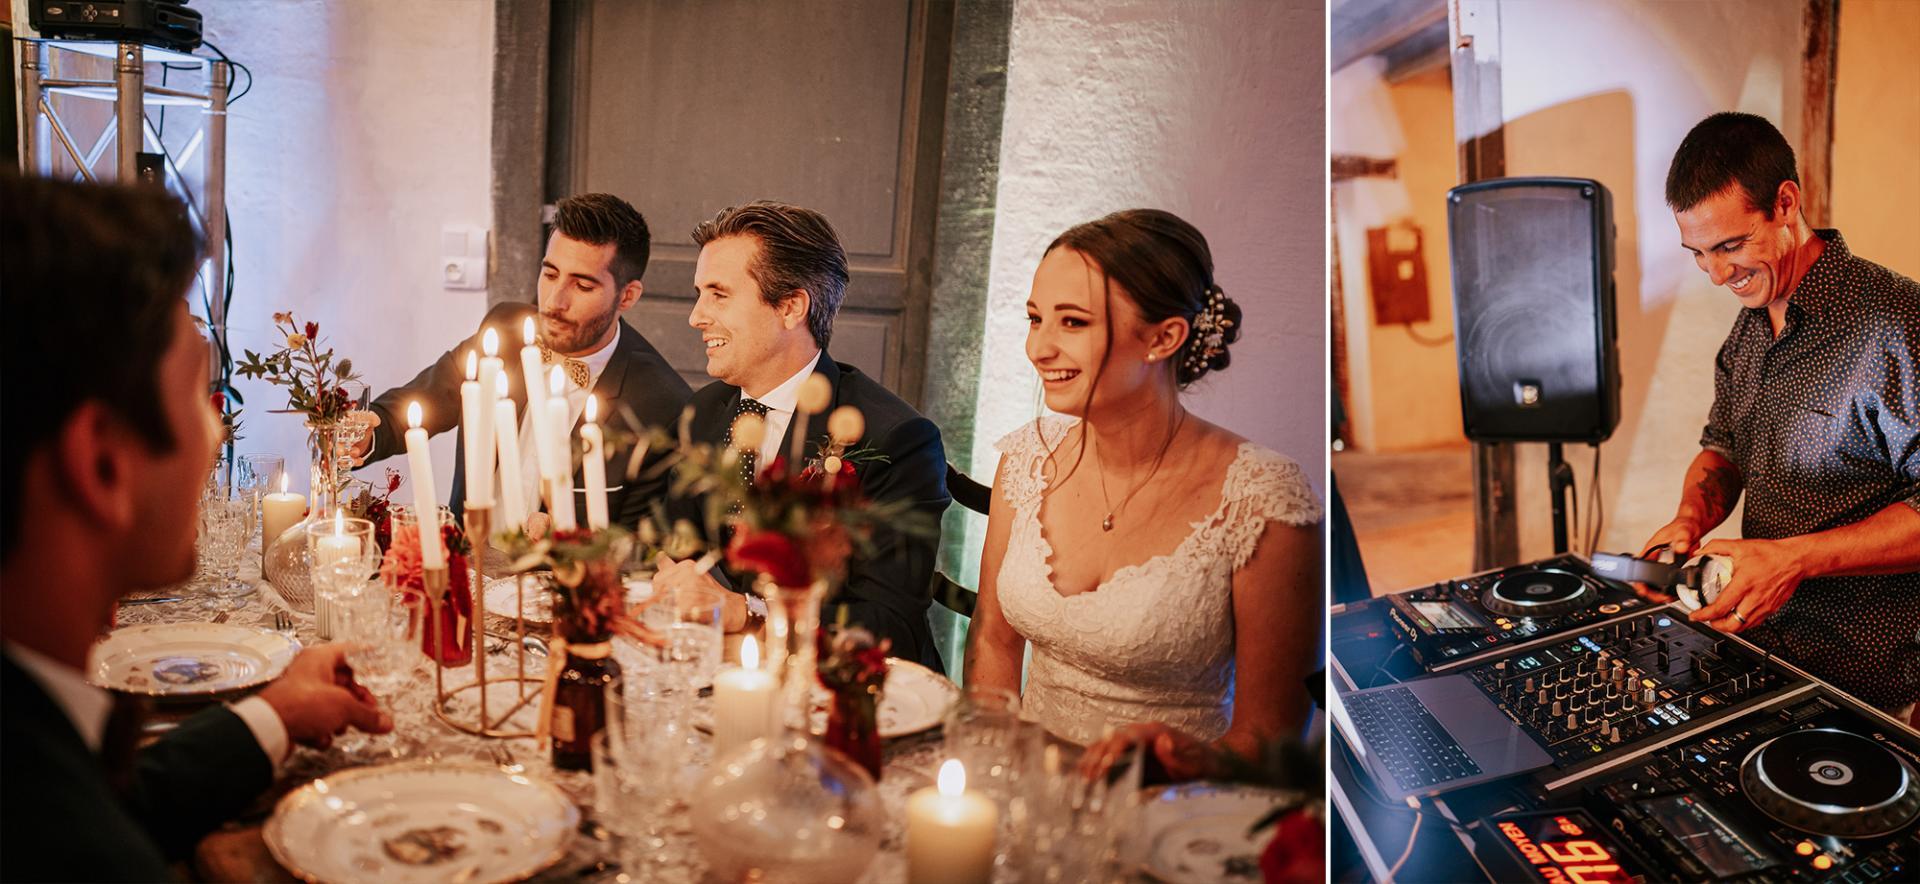 29 photographe de mariage landes dax aquitaine allison micallef la soiree